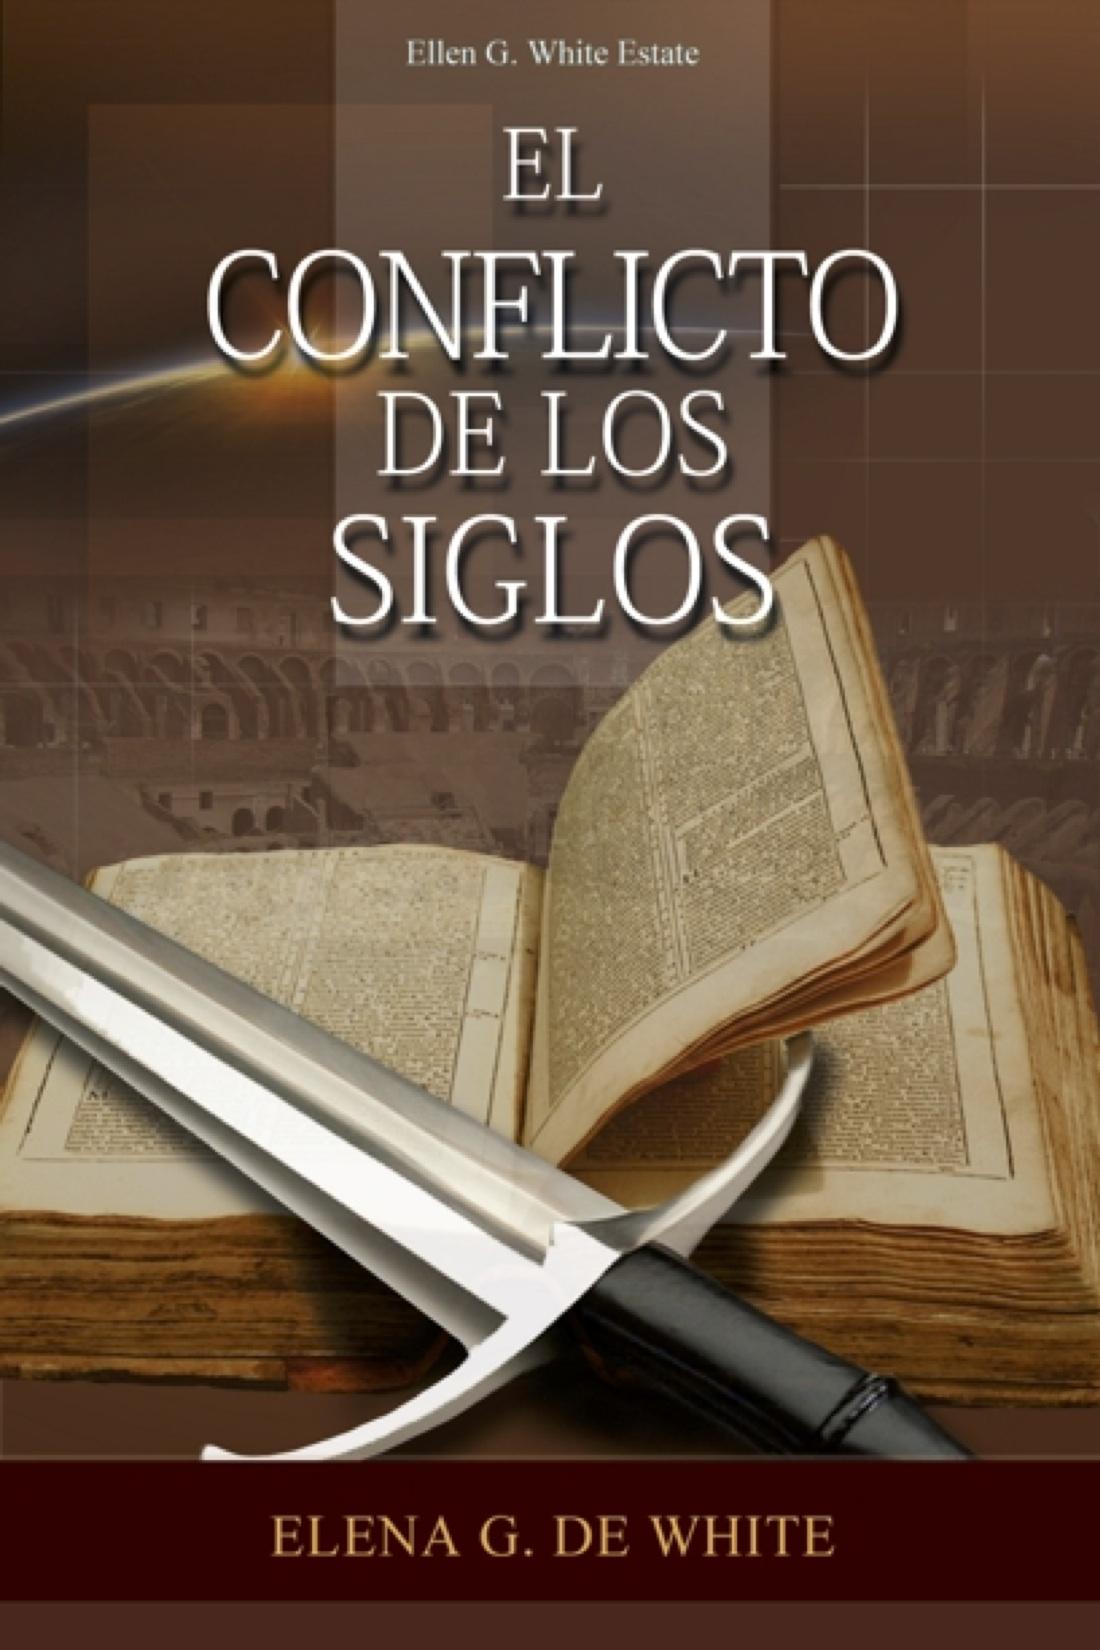 Libro para descargar el conflicto de los siglos